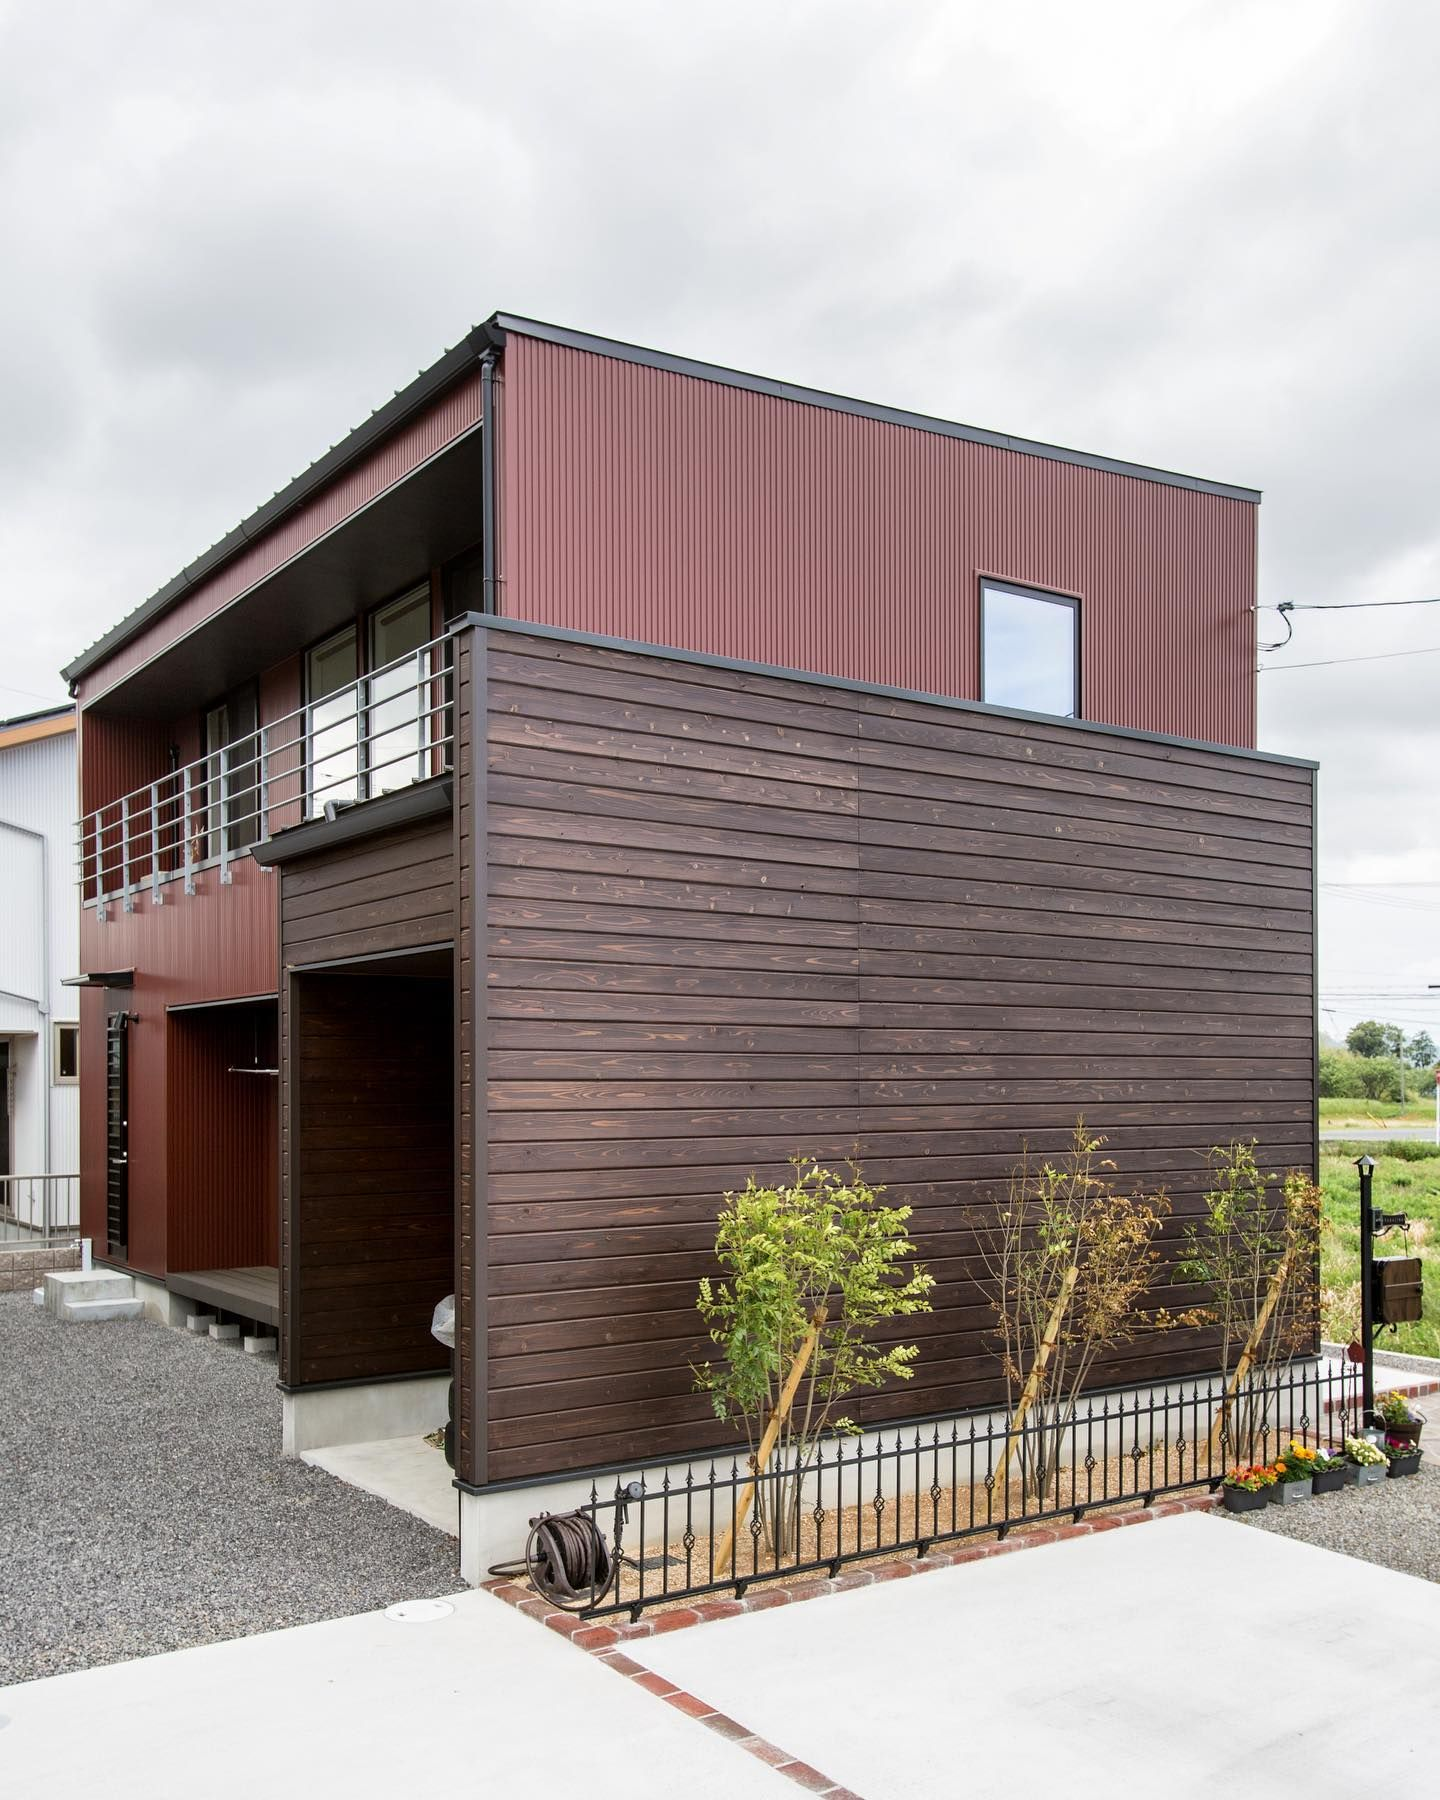 オータムレッドのガルバリウムに 杉羽目板の組み合わせ 杉羽目板のボリュームとシンプルなハコ型のシルエットが絶妙なバランスを保っています 𓐌𓐌𓐌𓐌𓐌𓐌𓐌𓐌𓐌𓐌𓐌𓐌𓐌𓐌𓐌𓐌𓐌𓐌 ルポハウスの施工事例はこちらまで 羽目板 かっこいい家